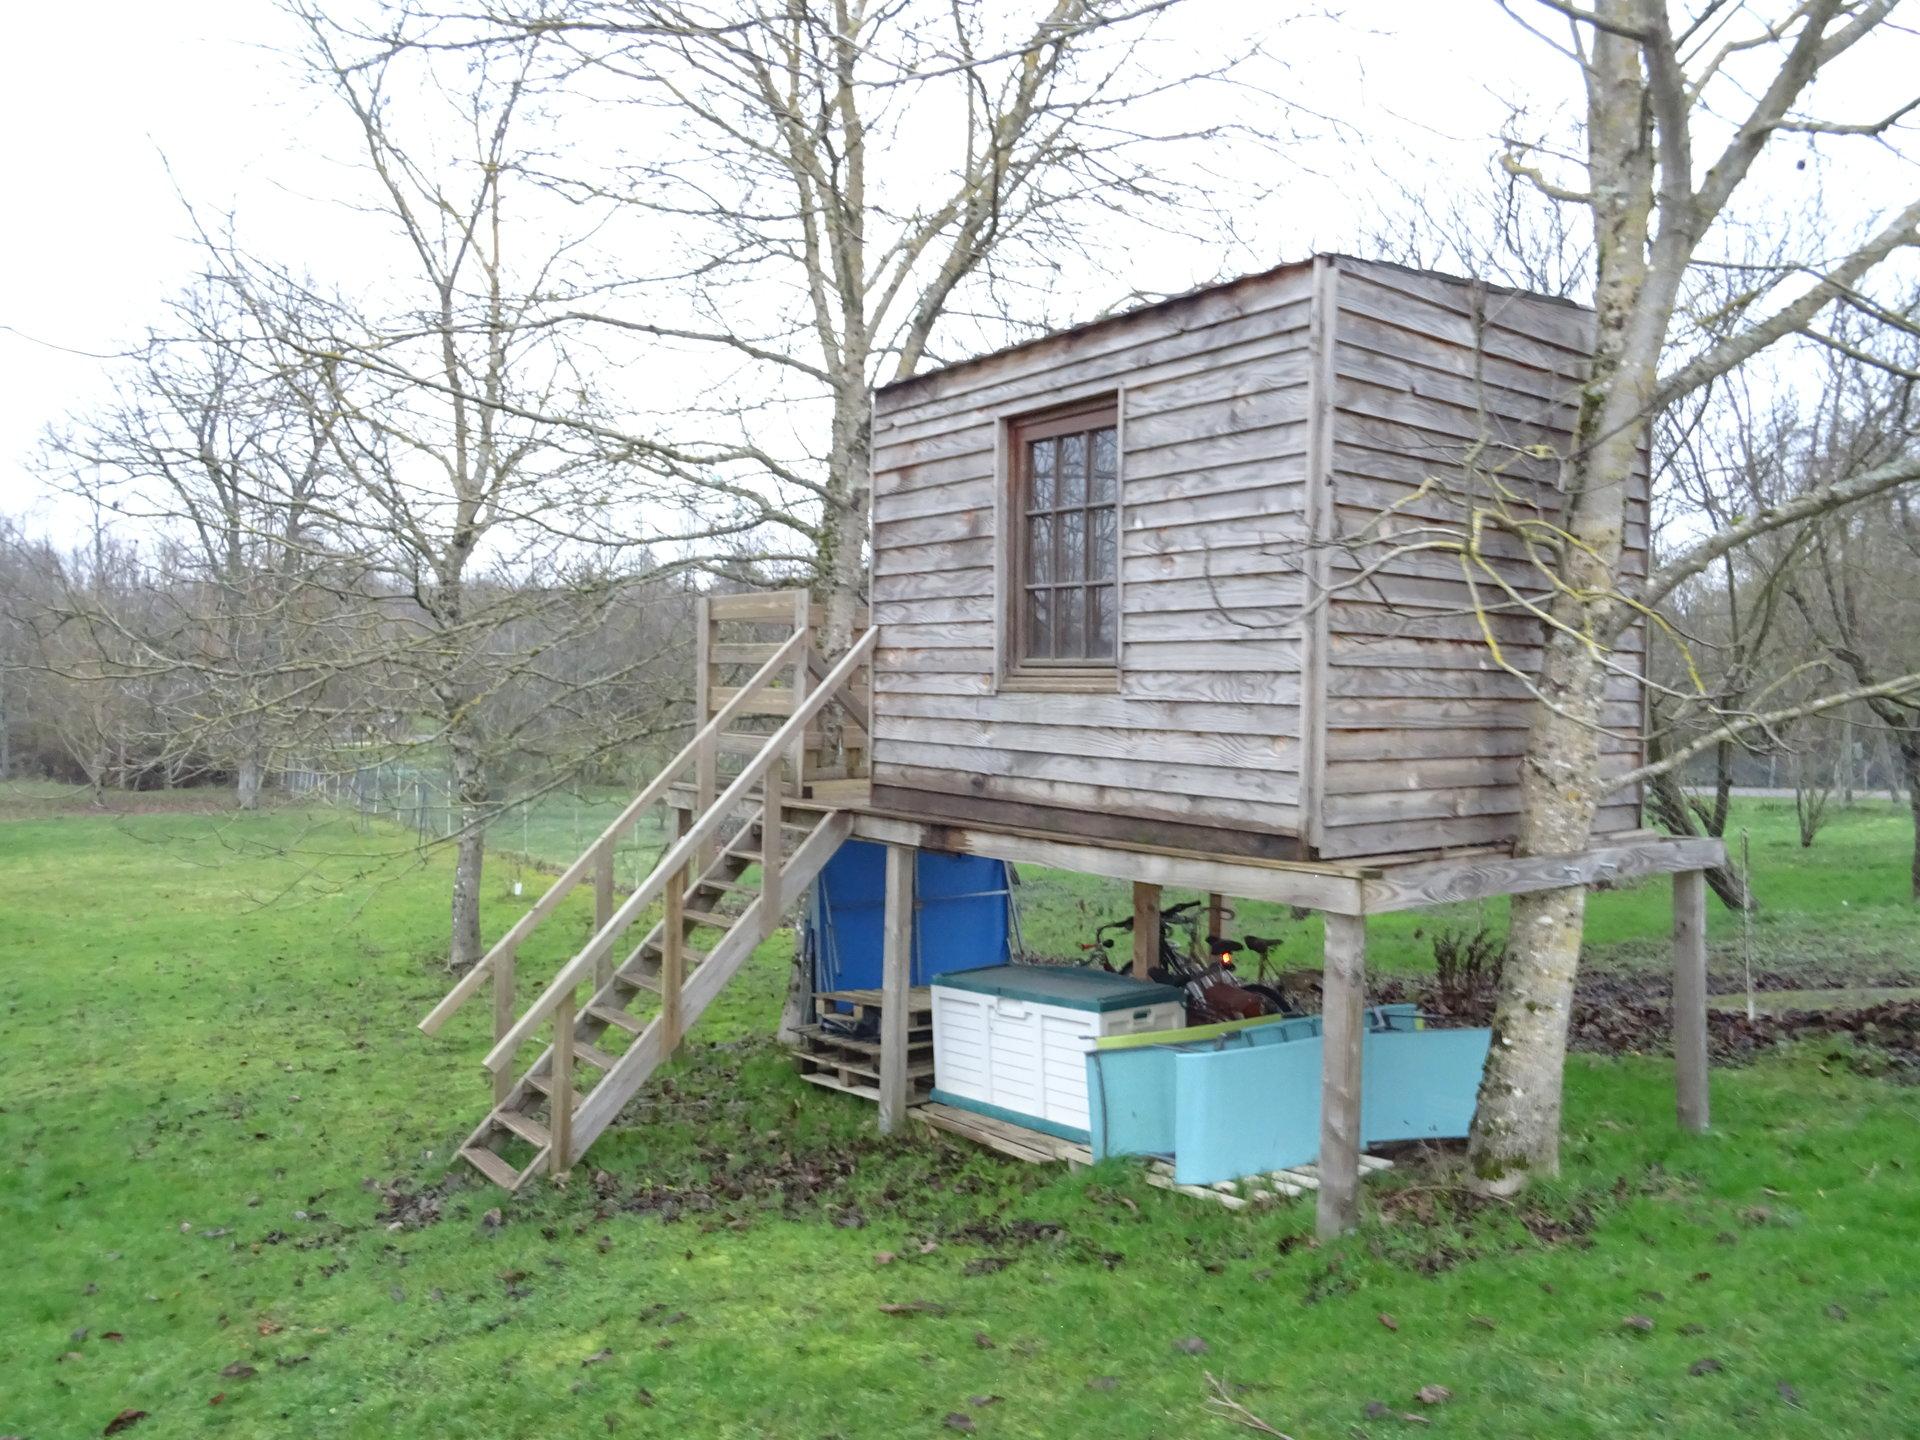 Maison d'habitation restaurée et Gîte